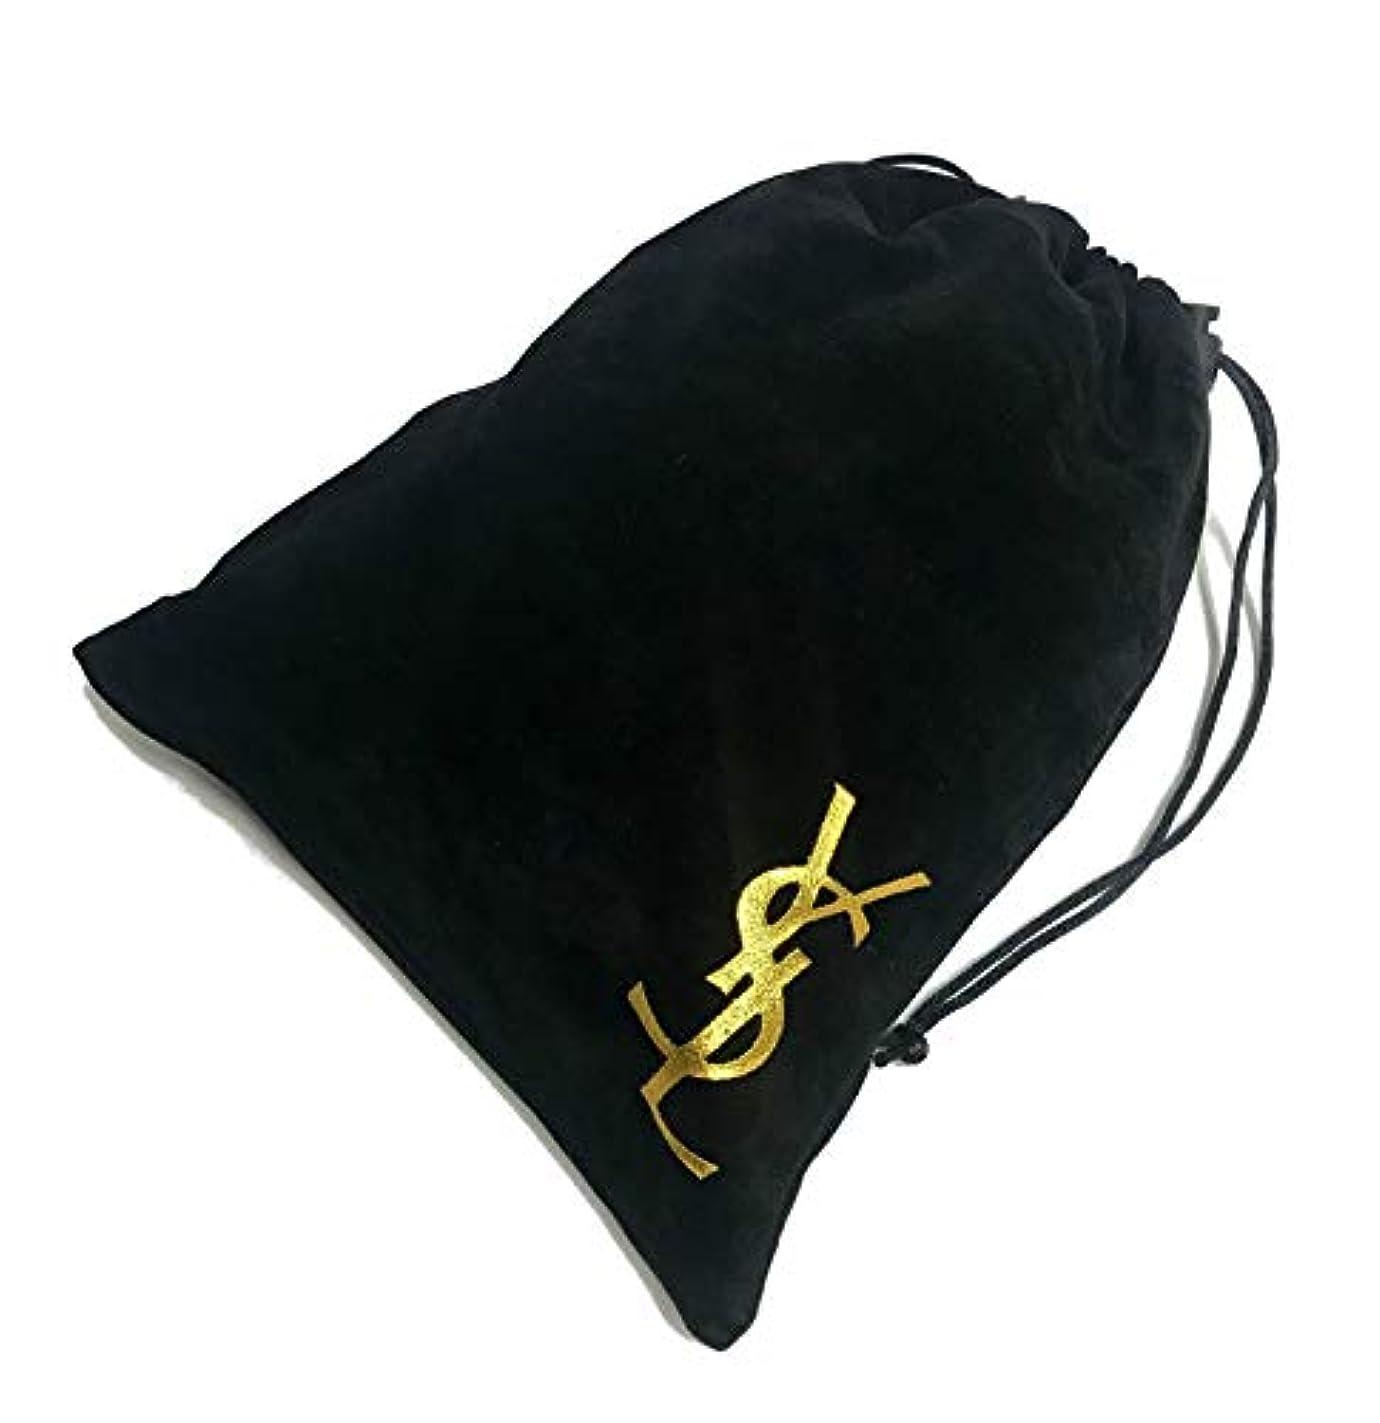 ずらすリーズ防止Yves Saint-Laurent コスメ 収納 ベロア 巾着袋 ポーチ